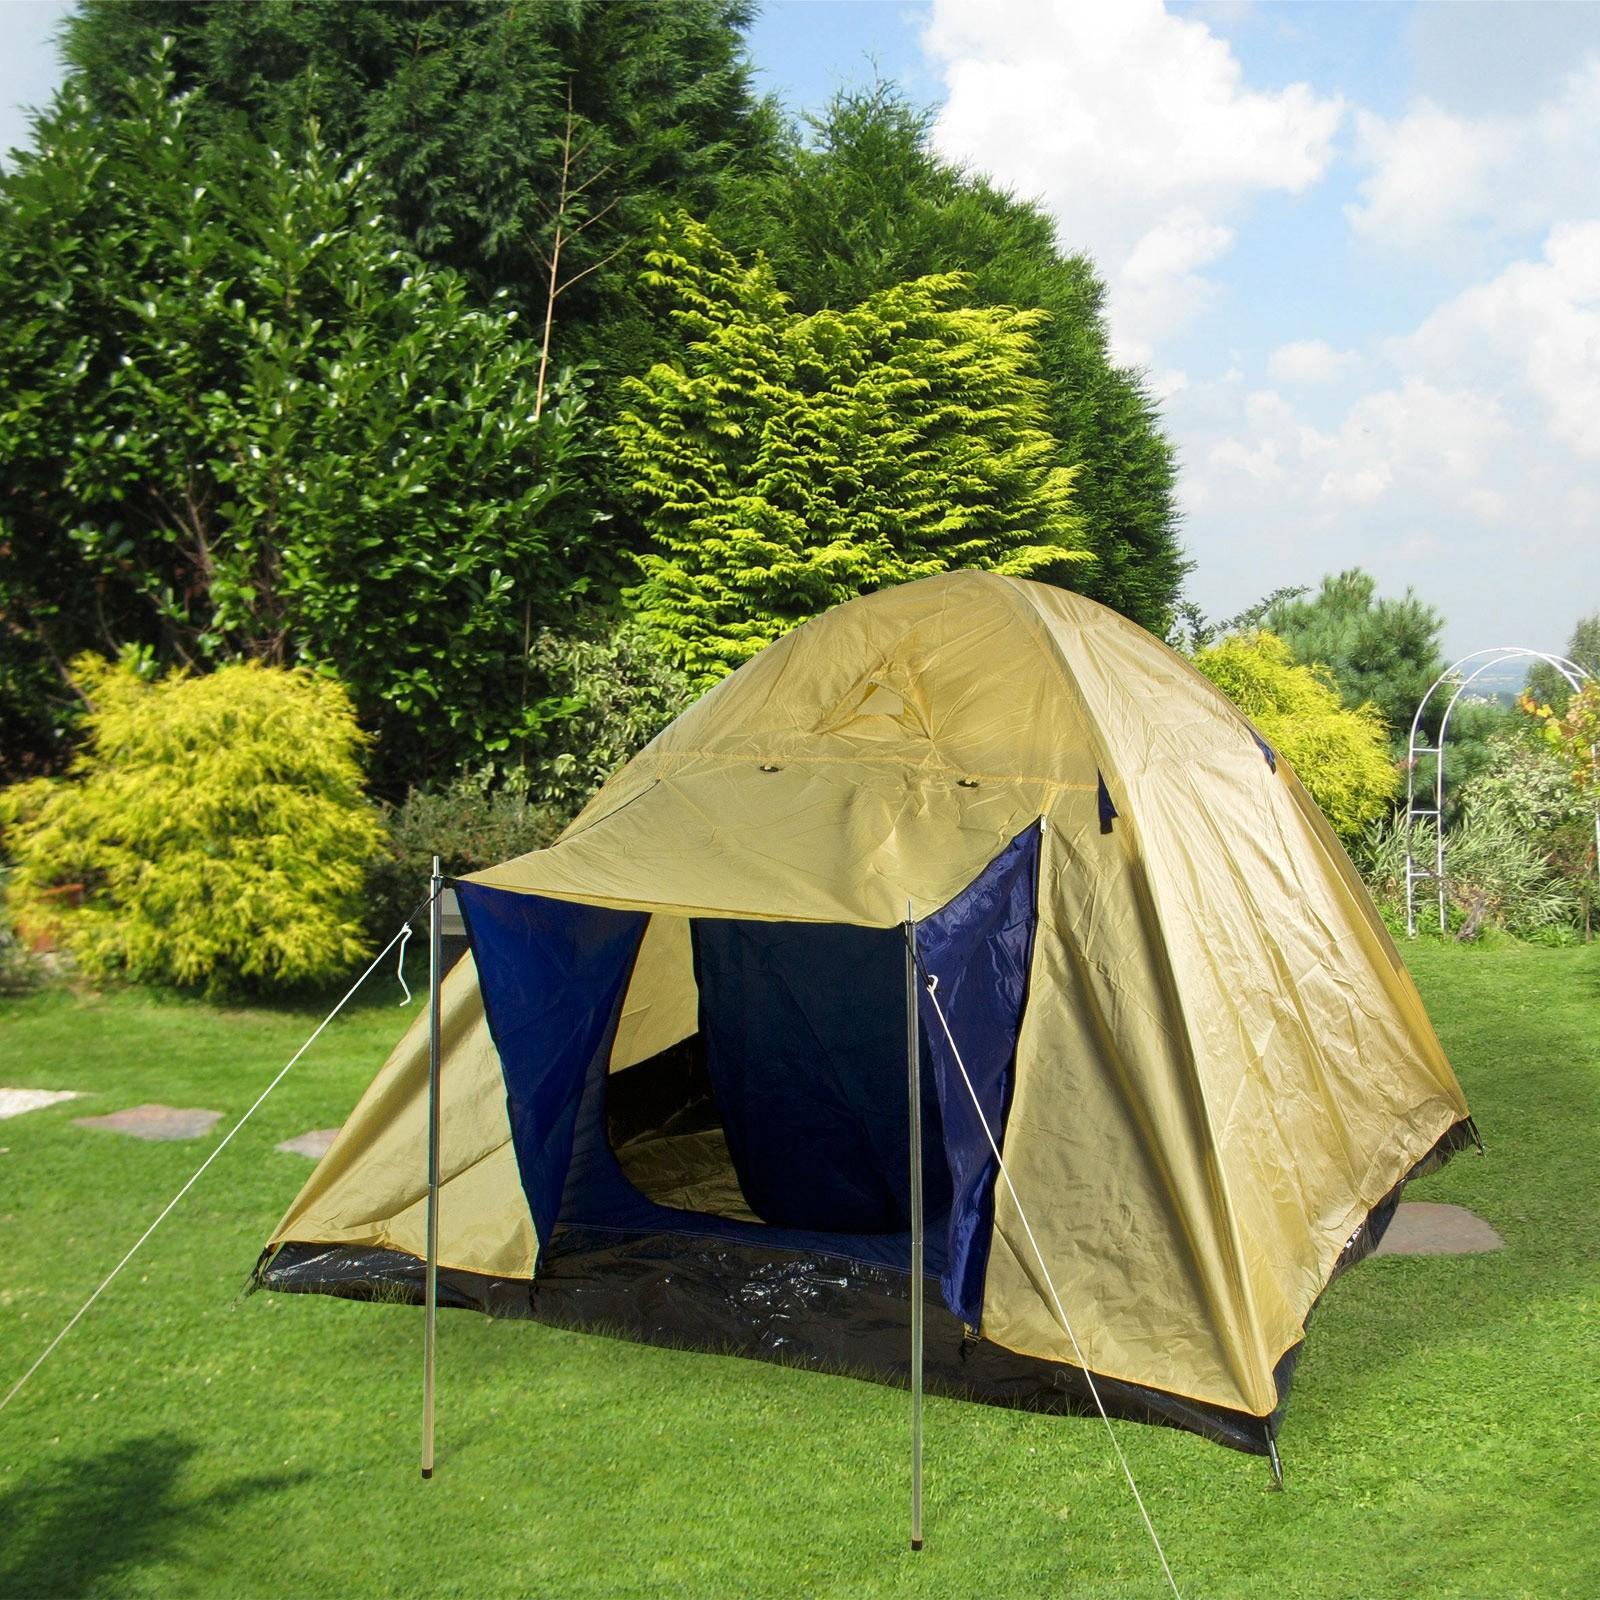 Dema Campingzelt / Zelt für 3 Personen »Iglu« 43230